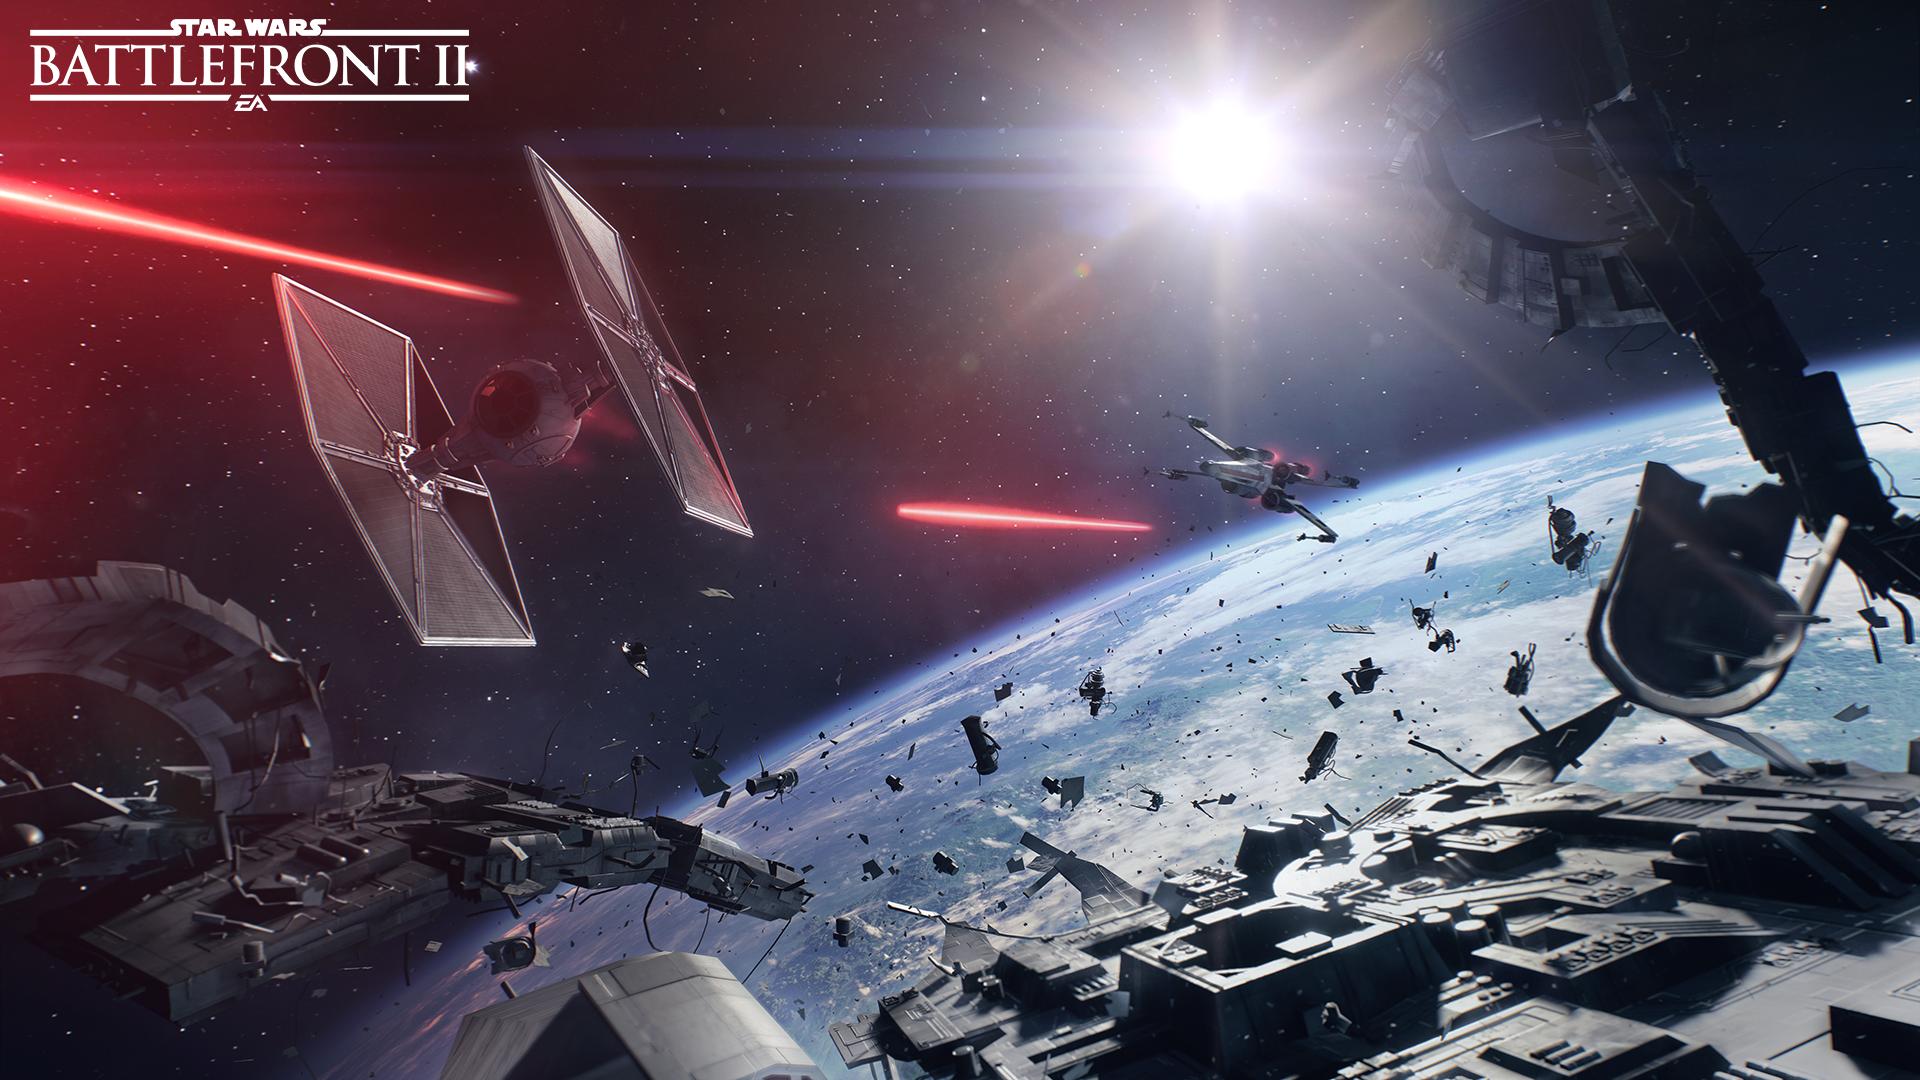 Endor: Death Star Debris